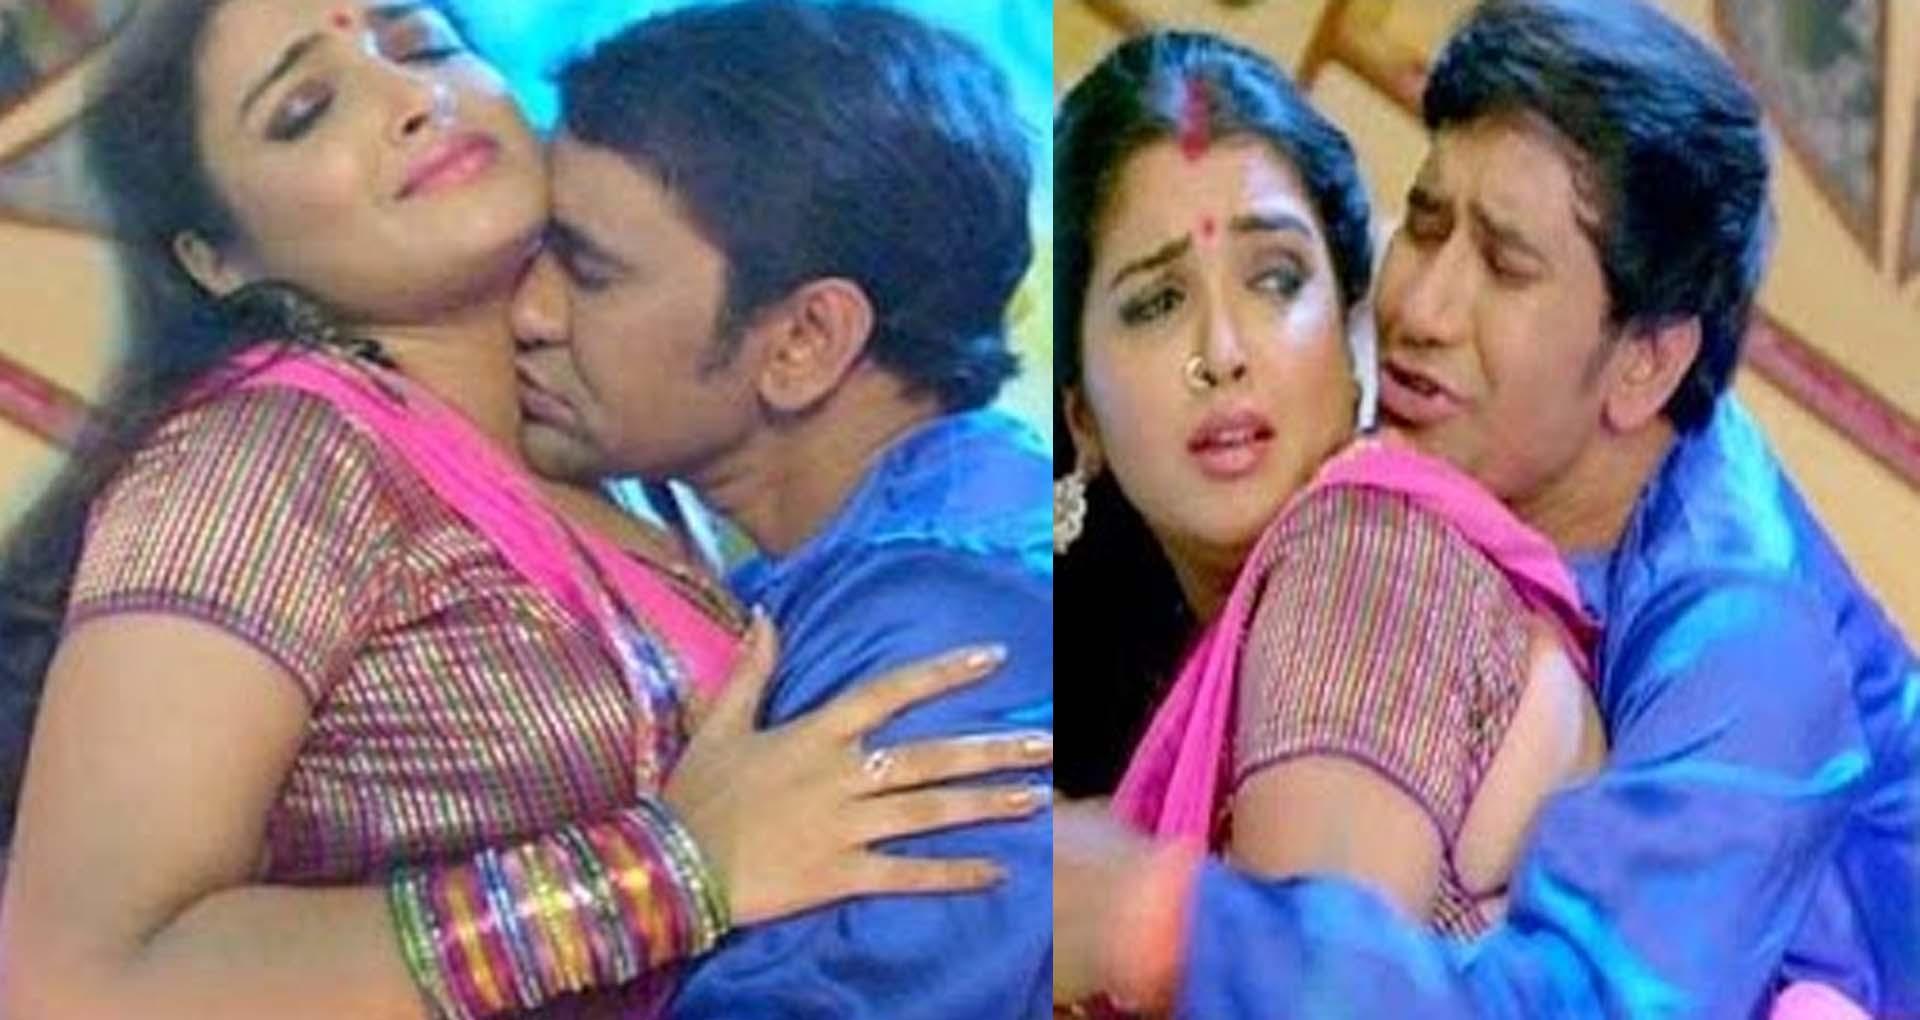 निरहुआ और आम्रपाली दुबे का रोमांटिक गाना 'रजाई में से ताकी' हो रहा जमकर Viral, देखें वीडियो